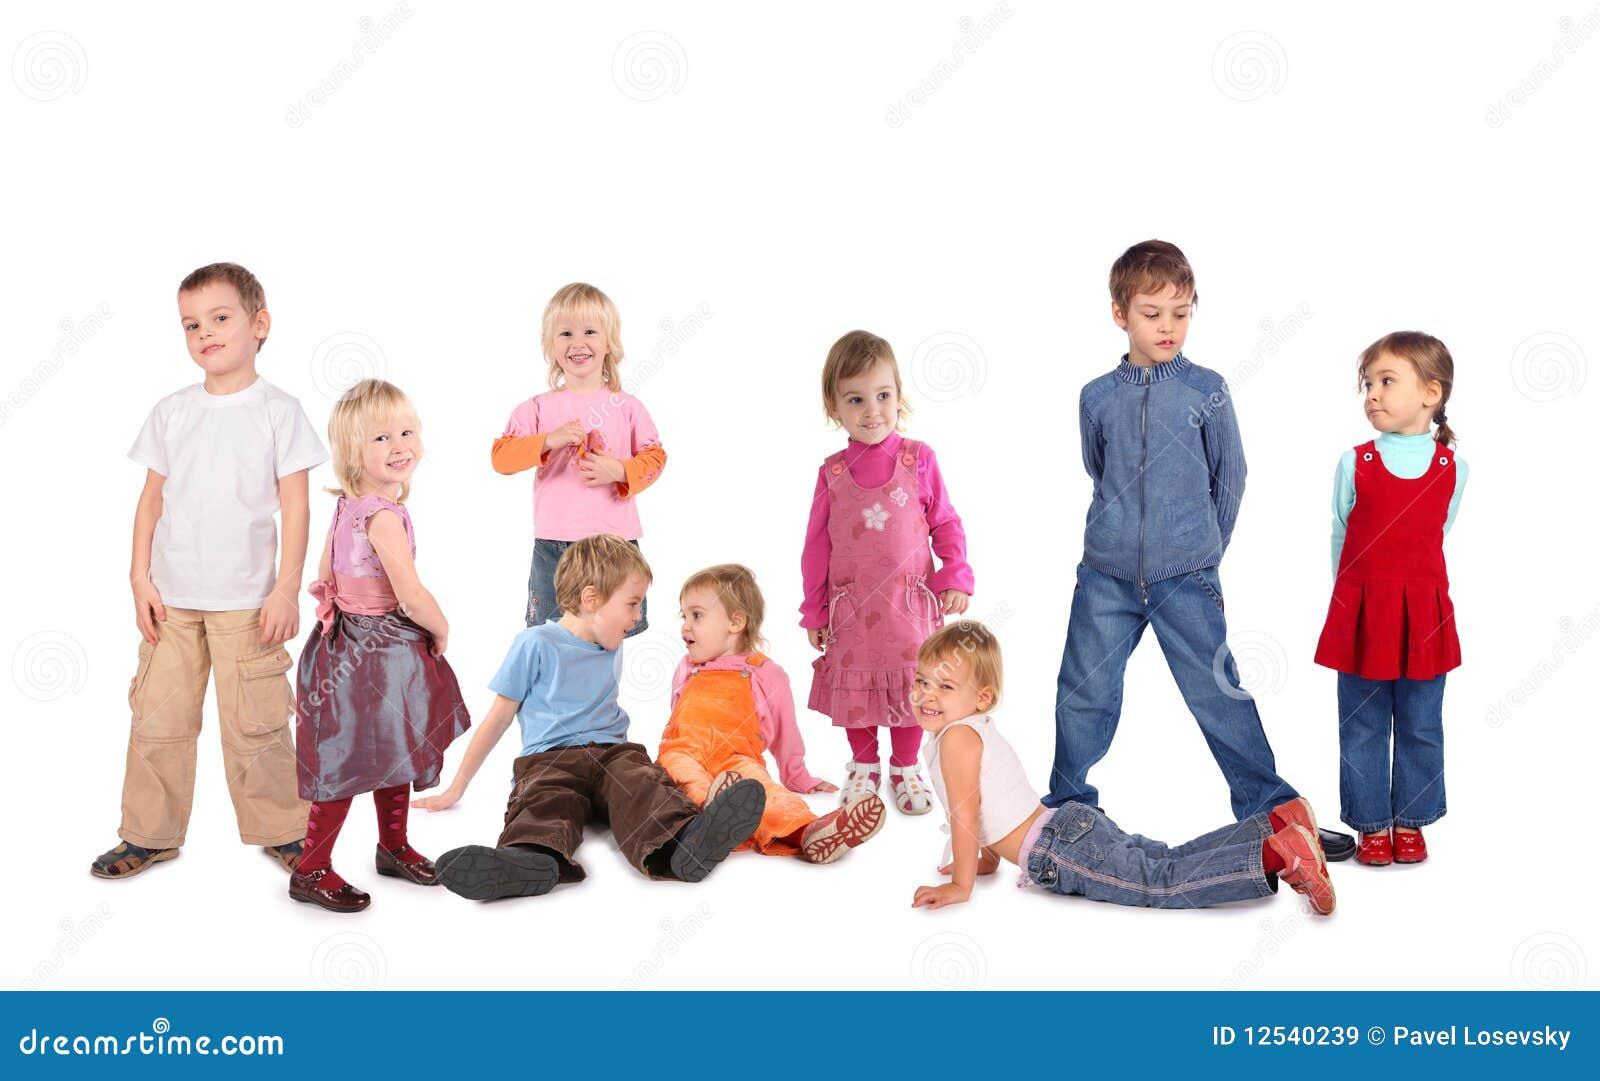 beaucoup d 39 enfants sur le blanc collage images libres de droits image 12540239. Black Bedroom Furniture Sets. Home Design Ideas